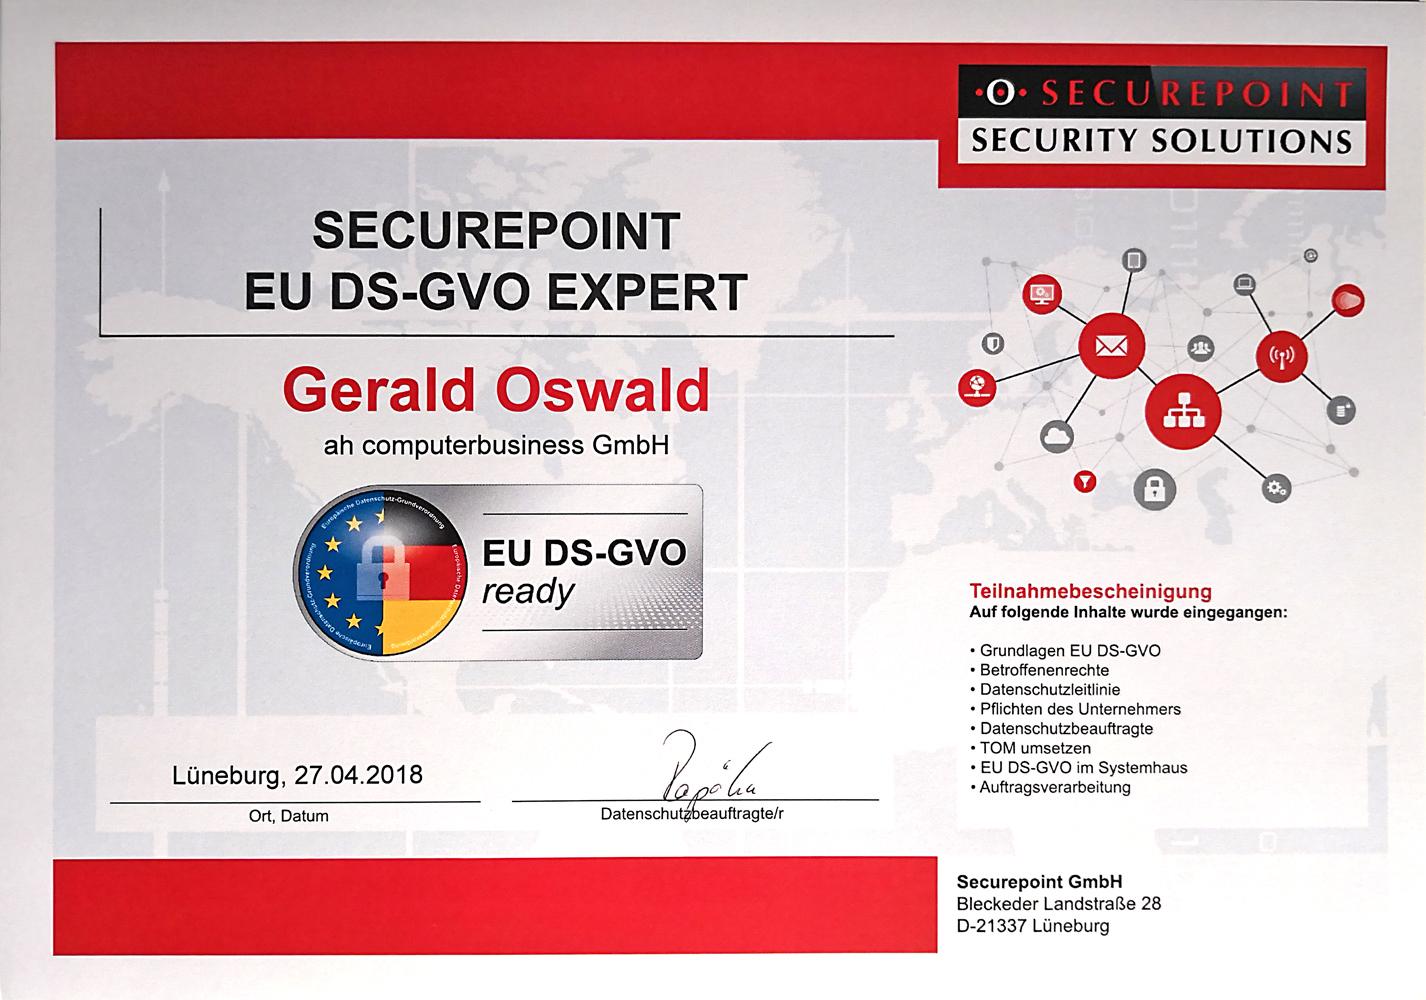 Urkunde-DSGVO-Securepoint_20190116_132600_kl